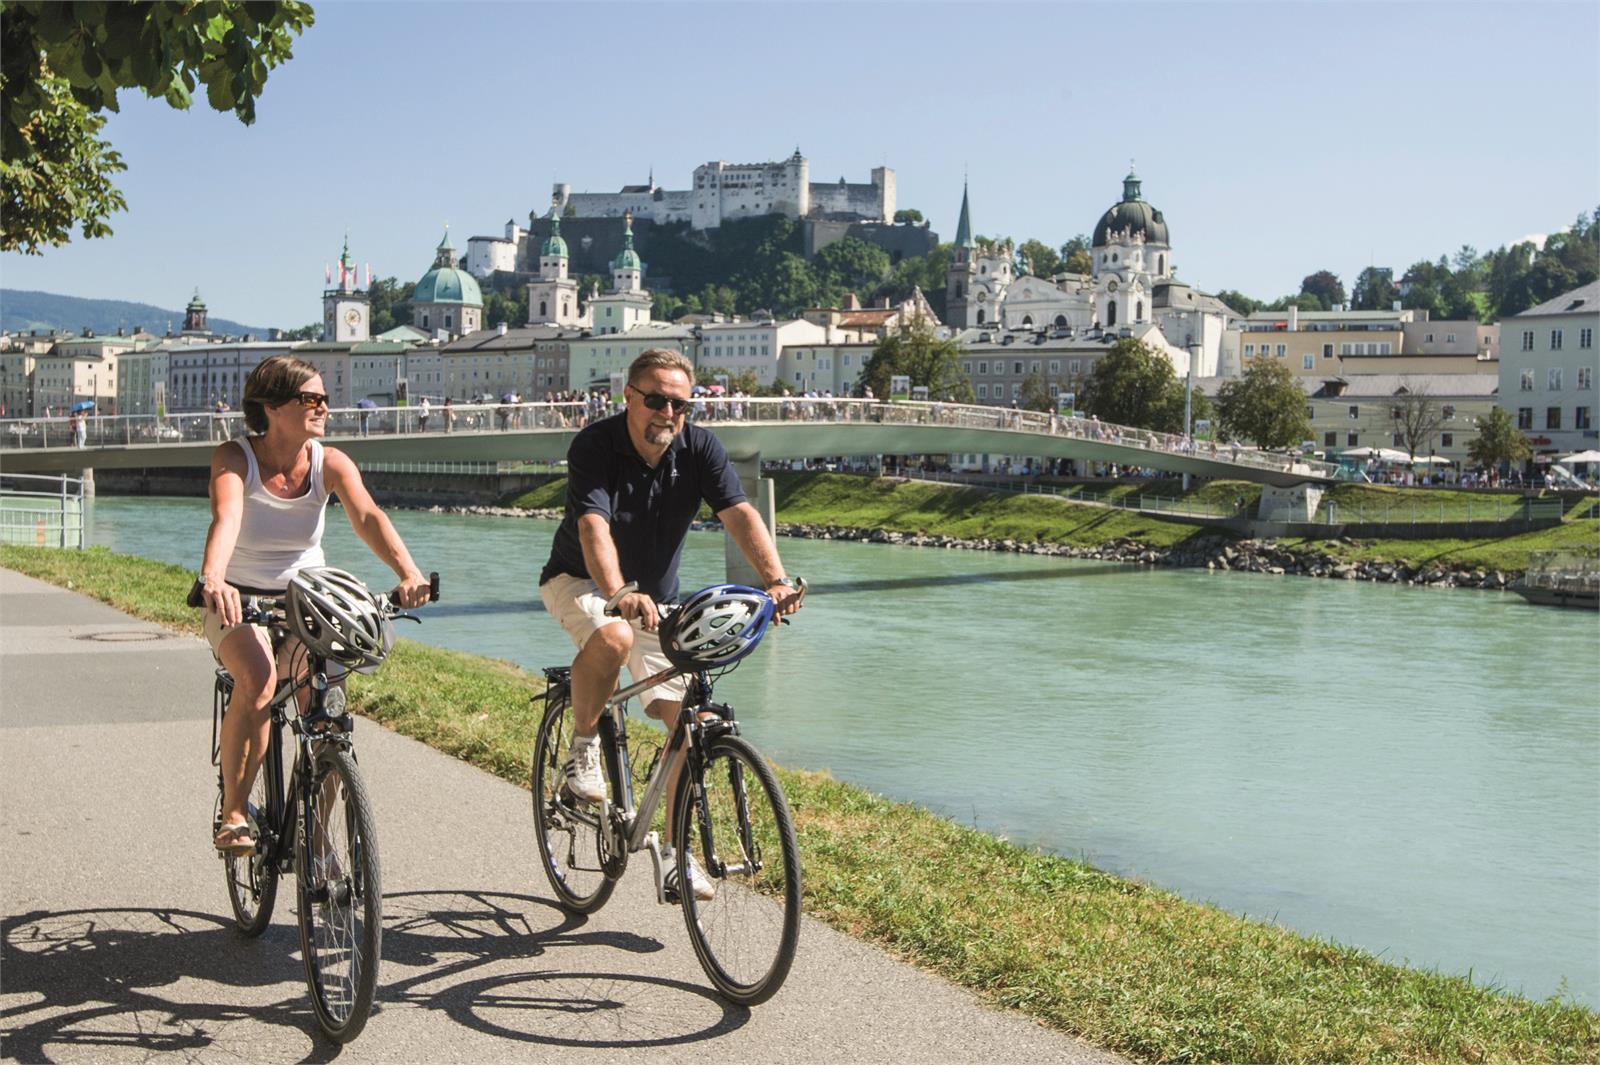 Radausflug in die Stadt Salzburg | ©Tourismus Salzburg - Reinhart Bryan